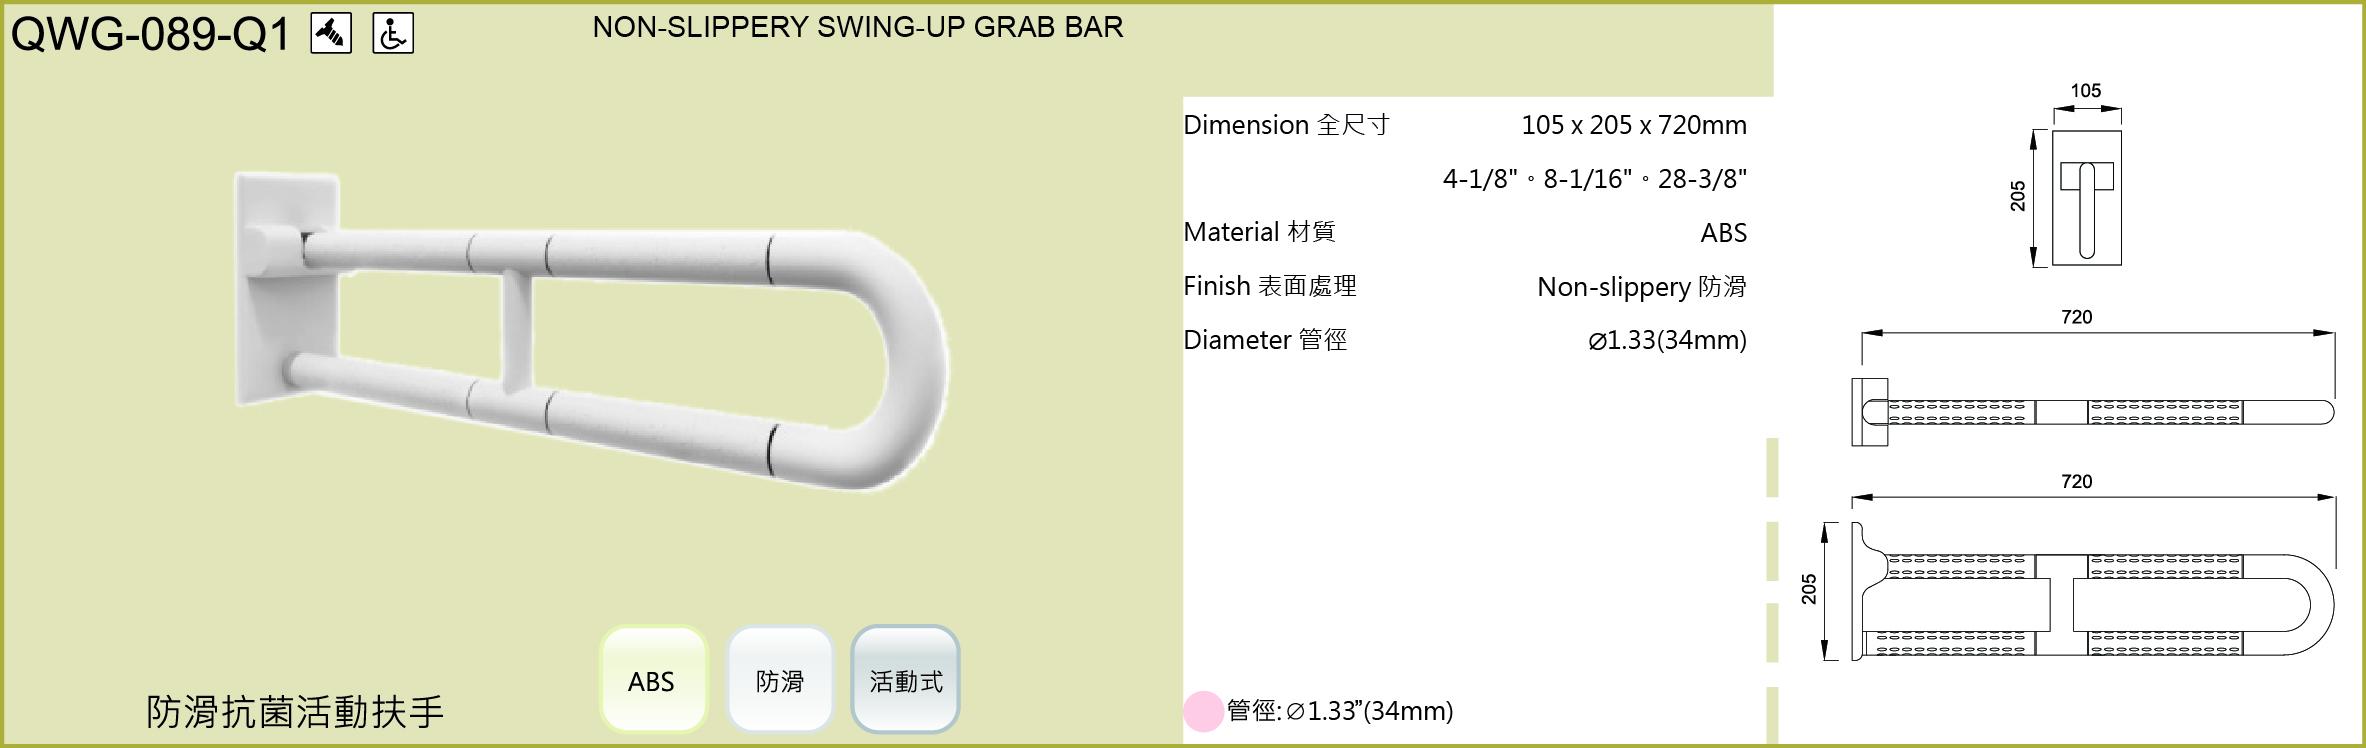 QWG-089-Q1.jpg